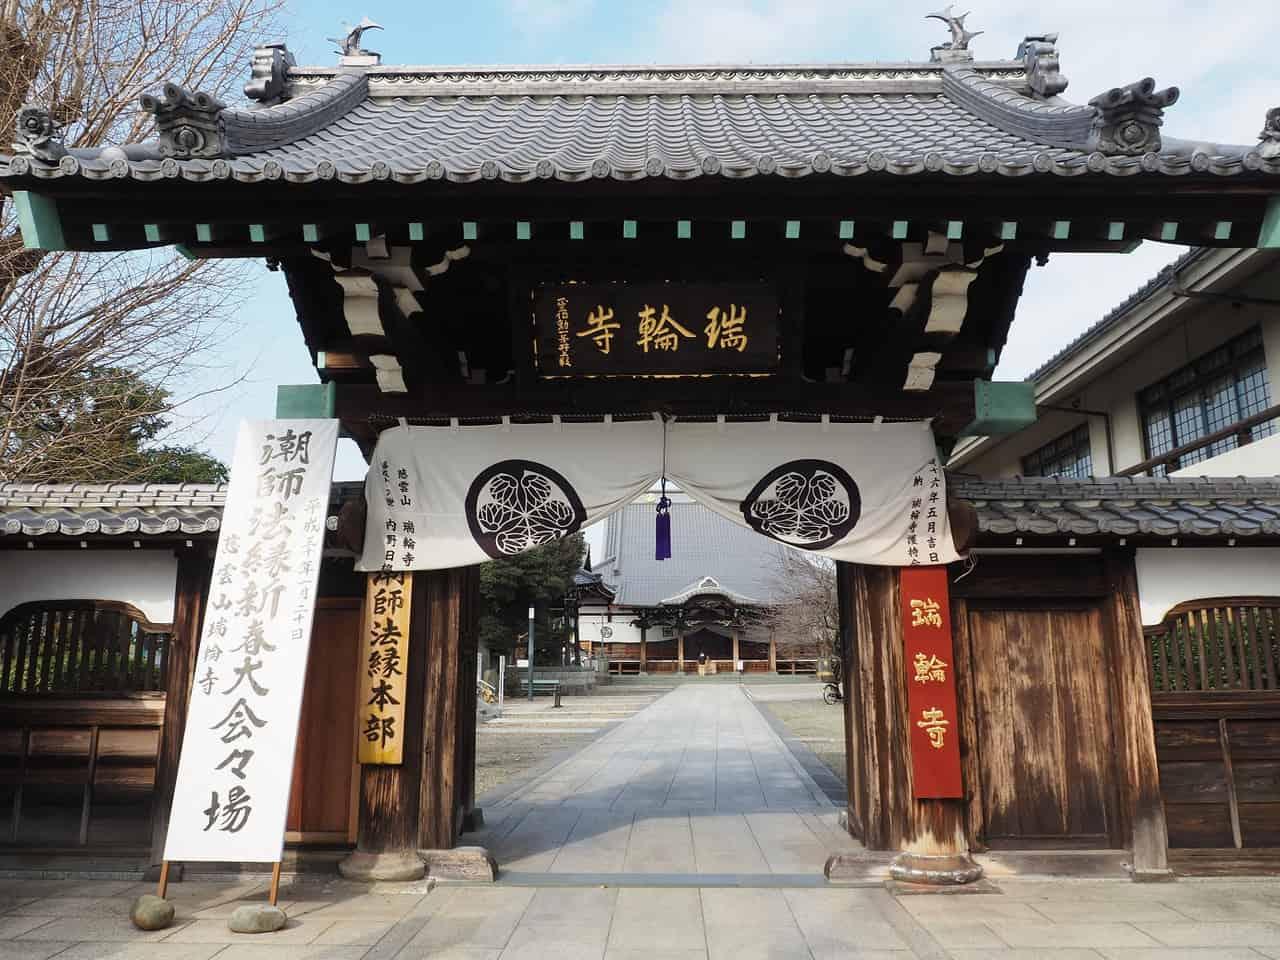 La entrada del templo Zuirin-ji, Yanaka, Nippori, Tokio, Japón